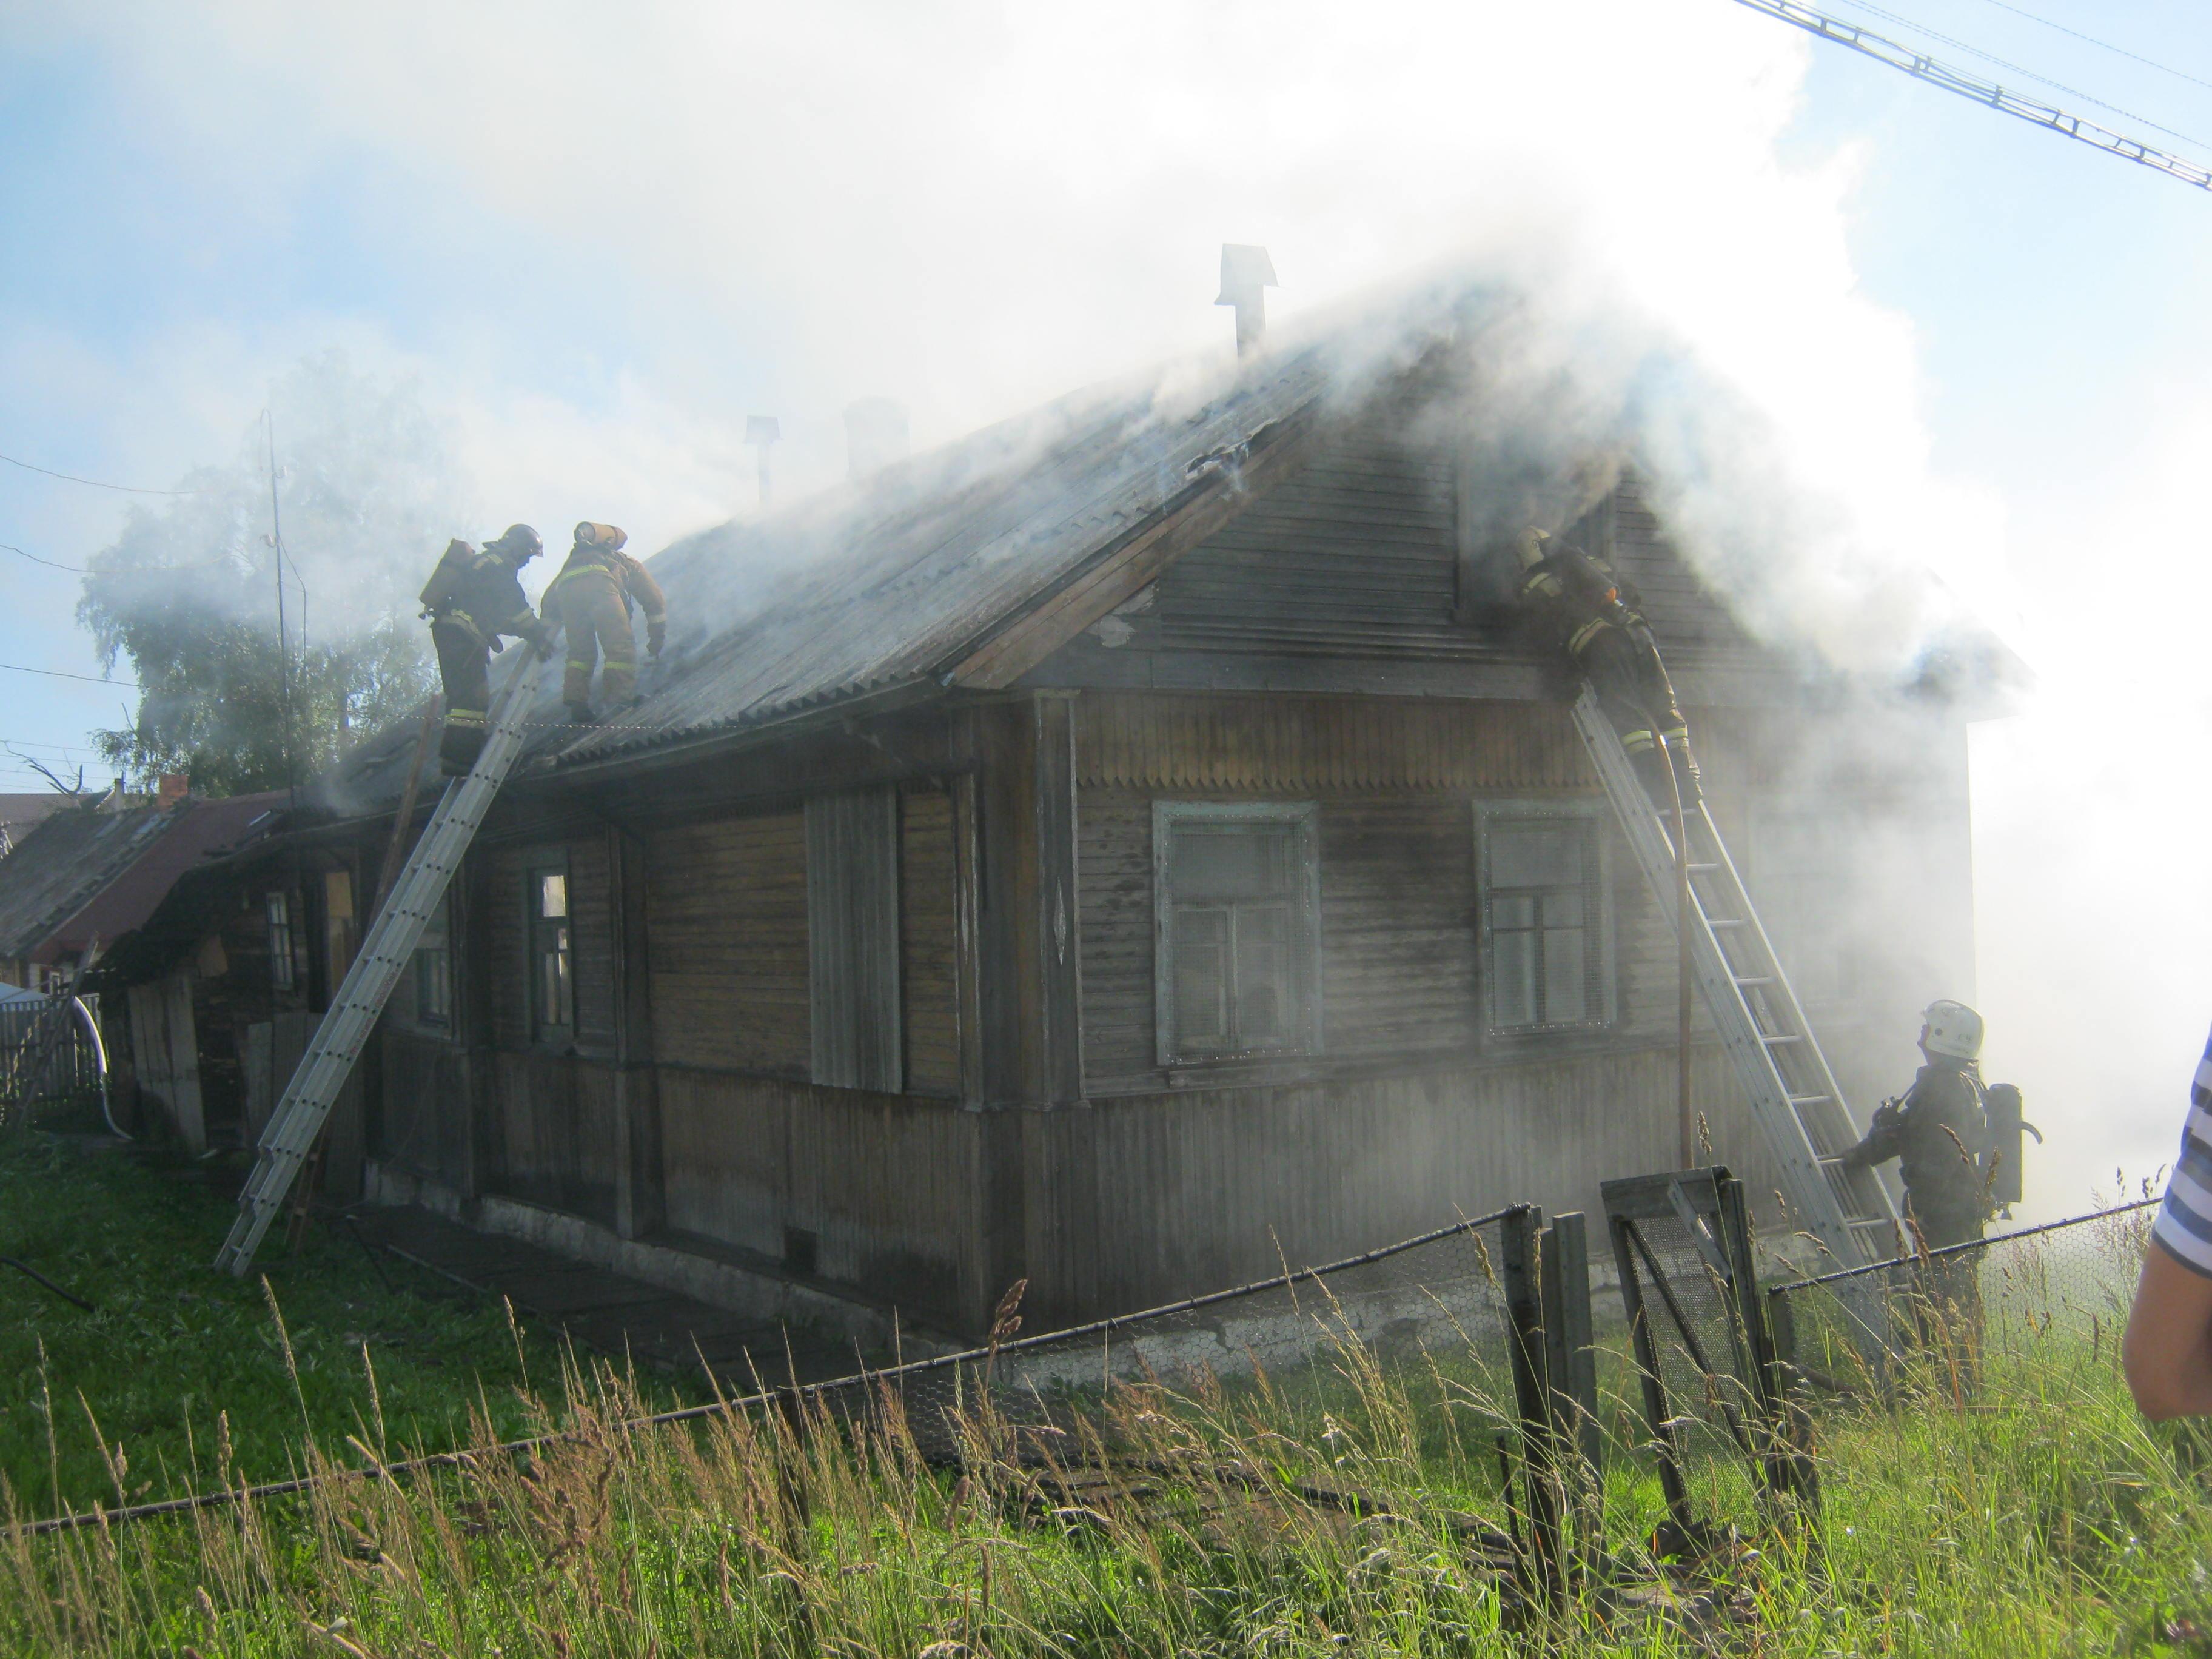 Пожарно-спасательные подразделения привлекались для ликвидации пожара в Лоухском районе.